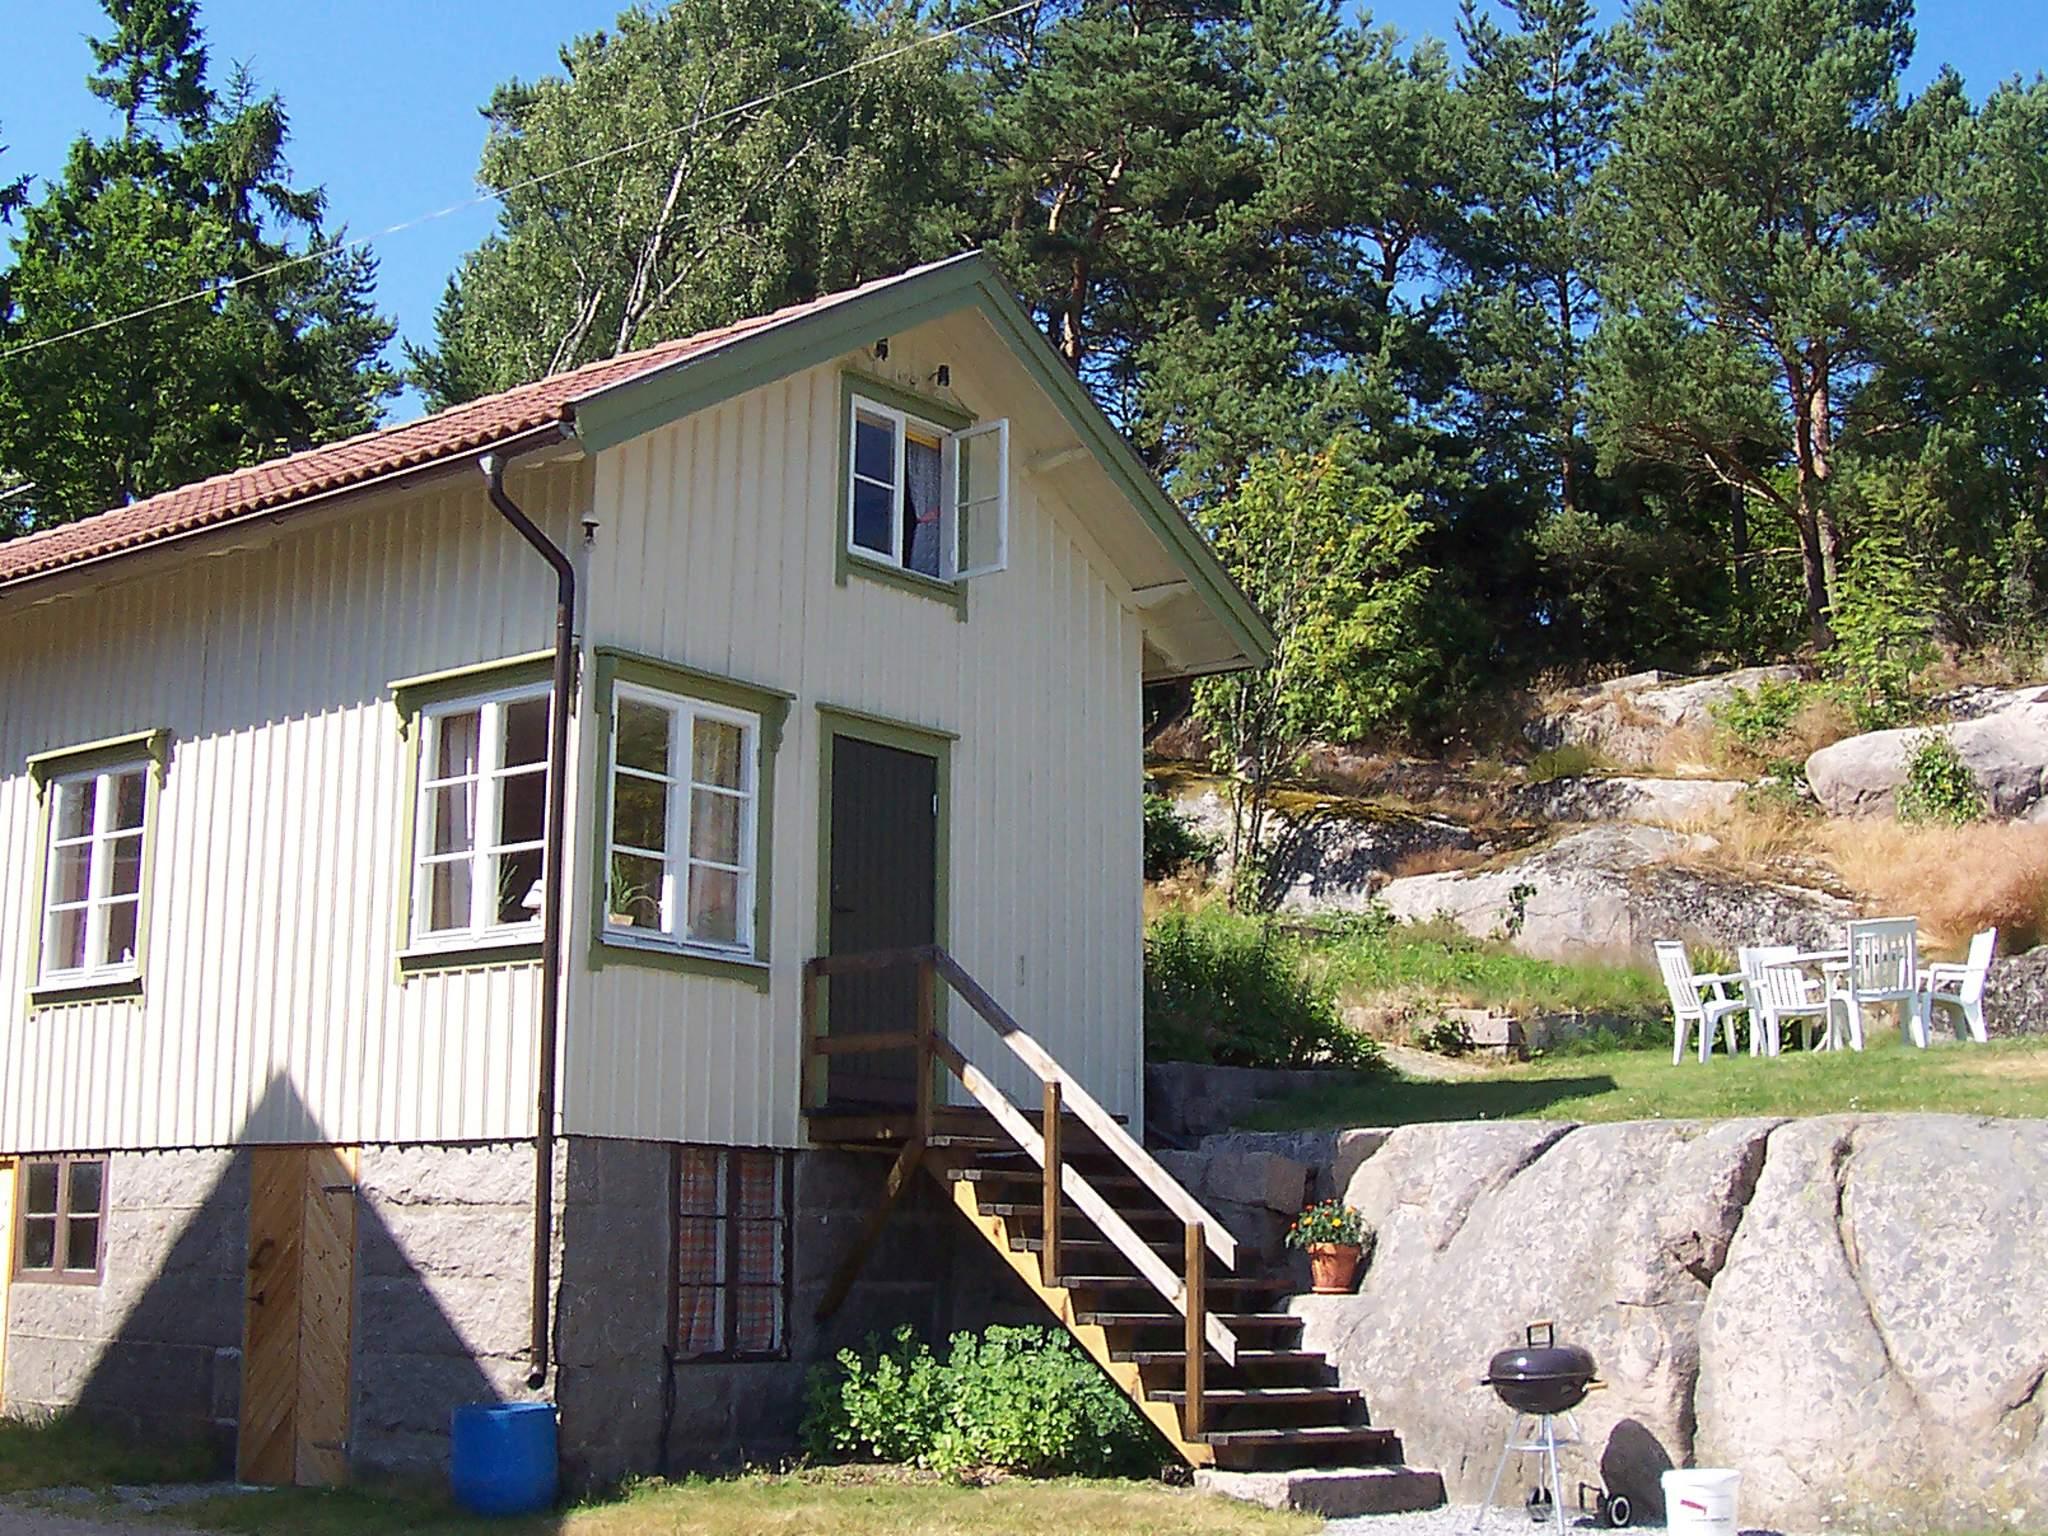 Ferienhaus Rished (124439), Kungshamn, Västra Götaland län, Westschweden, Schweden, Bild 12